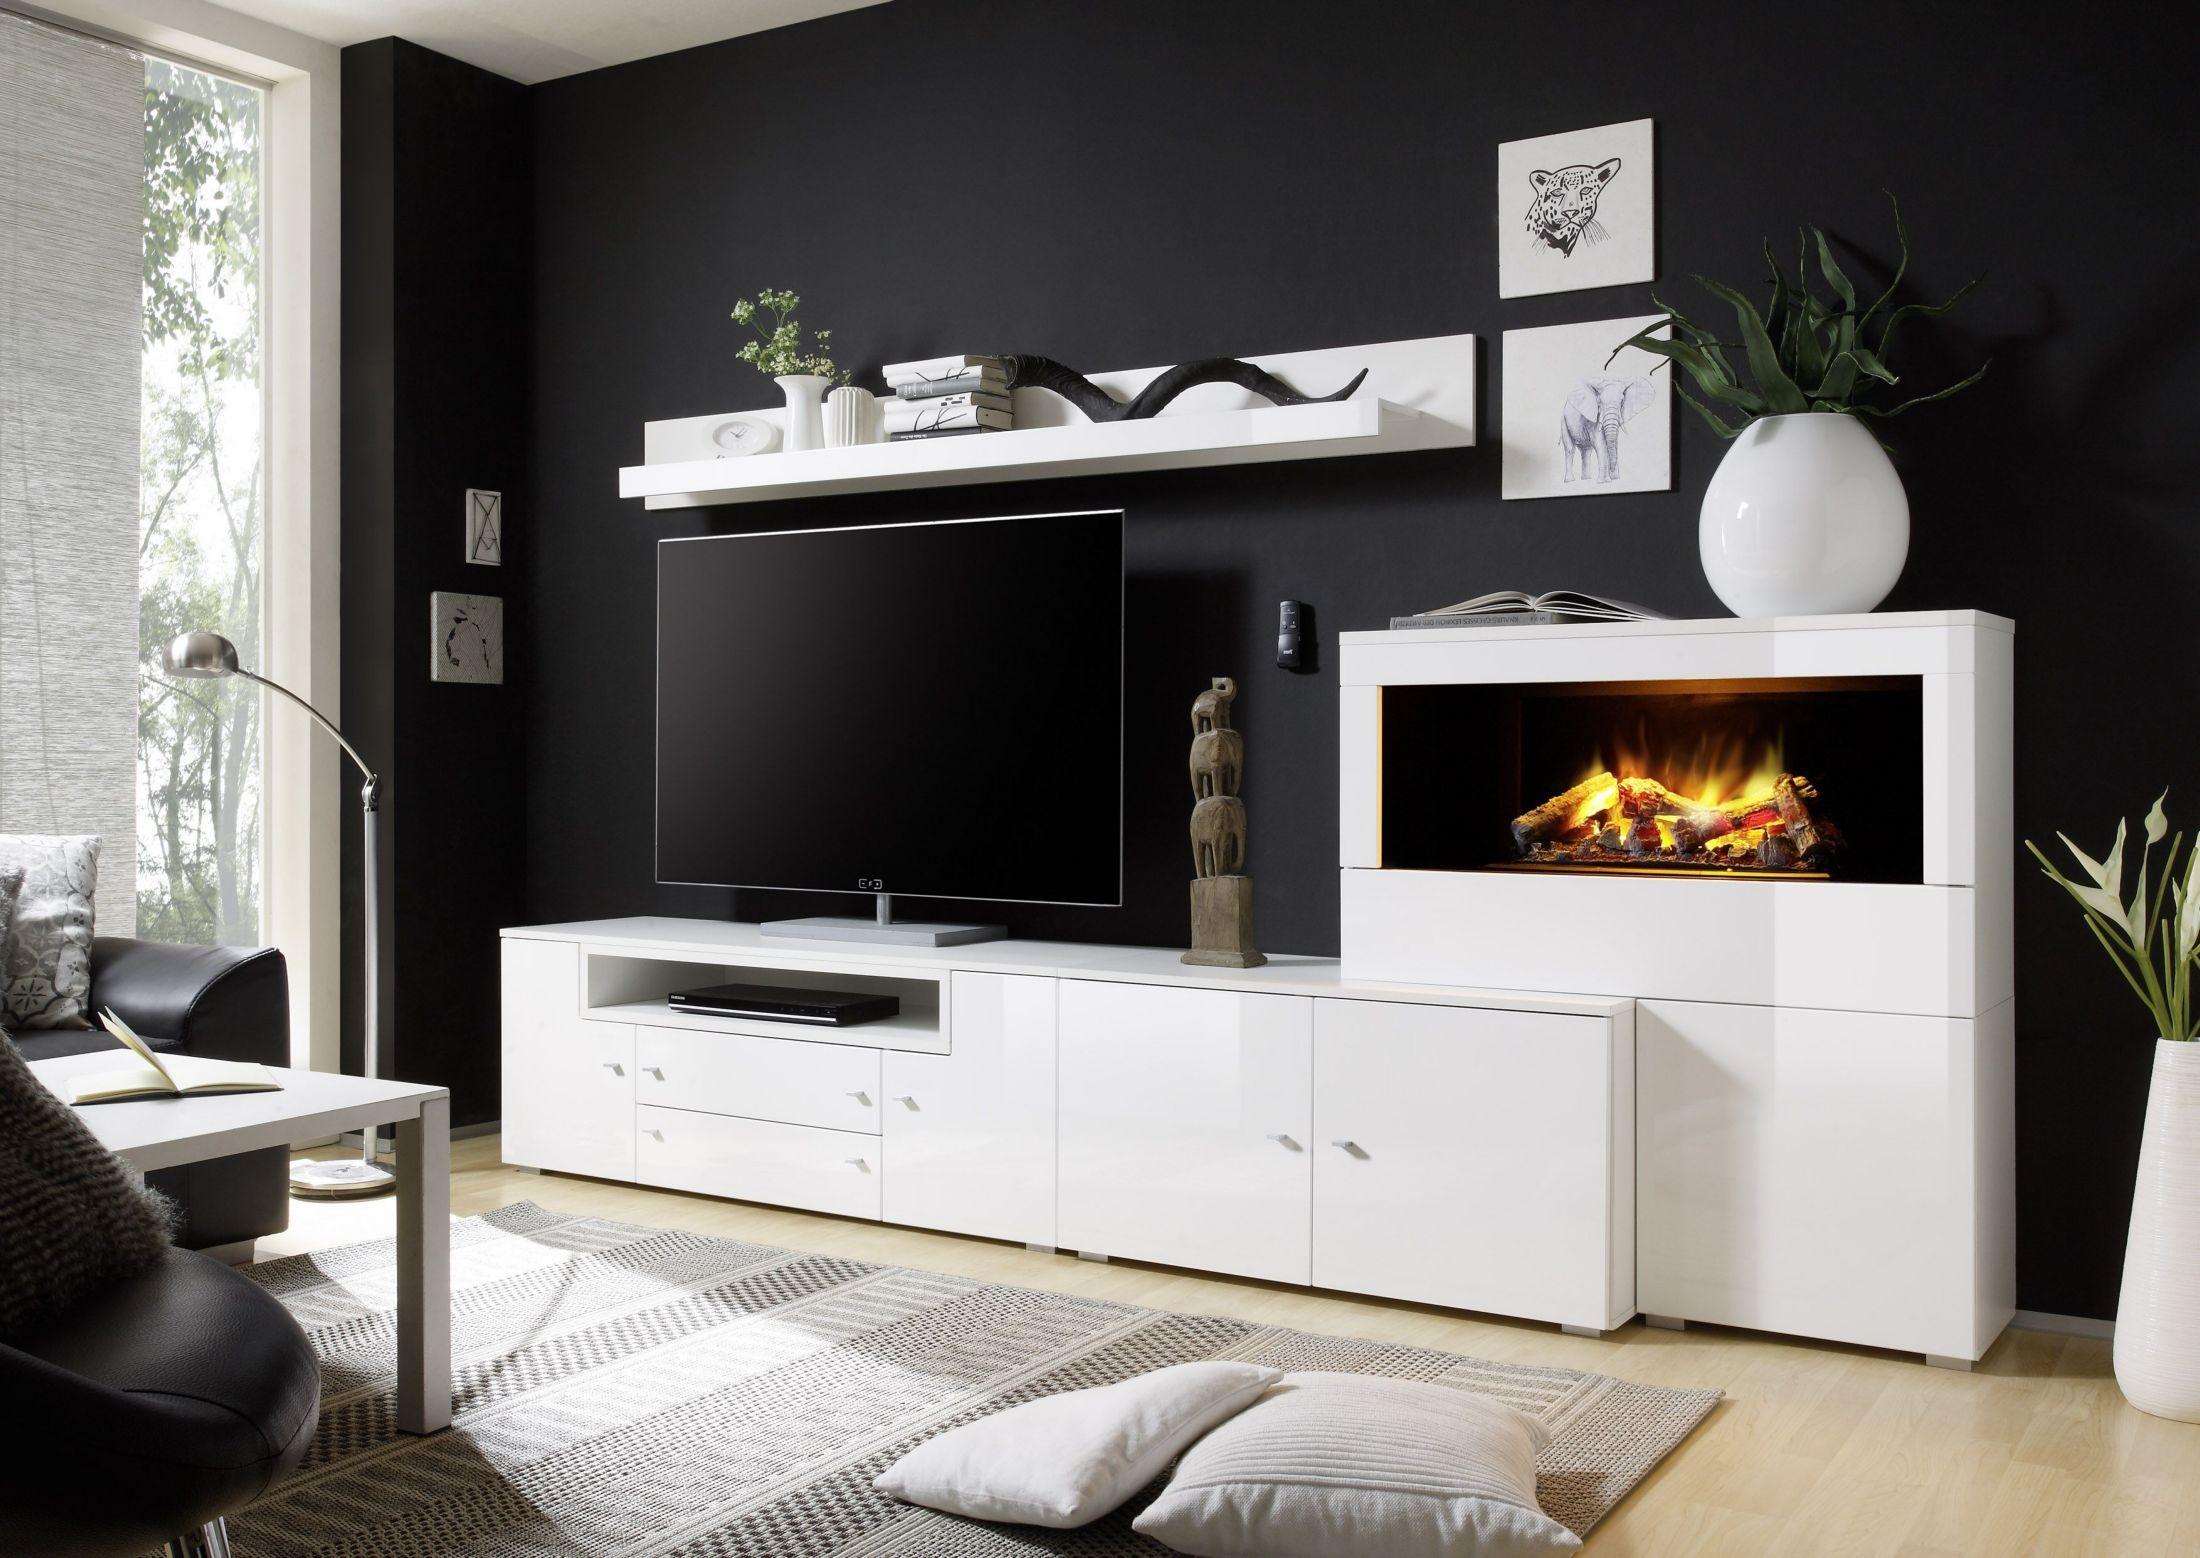 wohnwand in weiss hochglanz mit elektrokamin woody 16 00496 holz modern jetzt bestellen unter. Black Bedroom Furniture Sets. Home Design Ideas